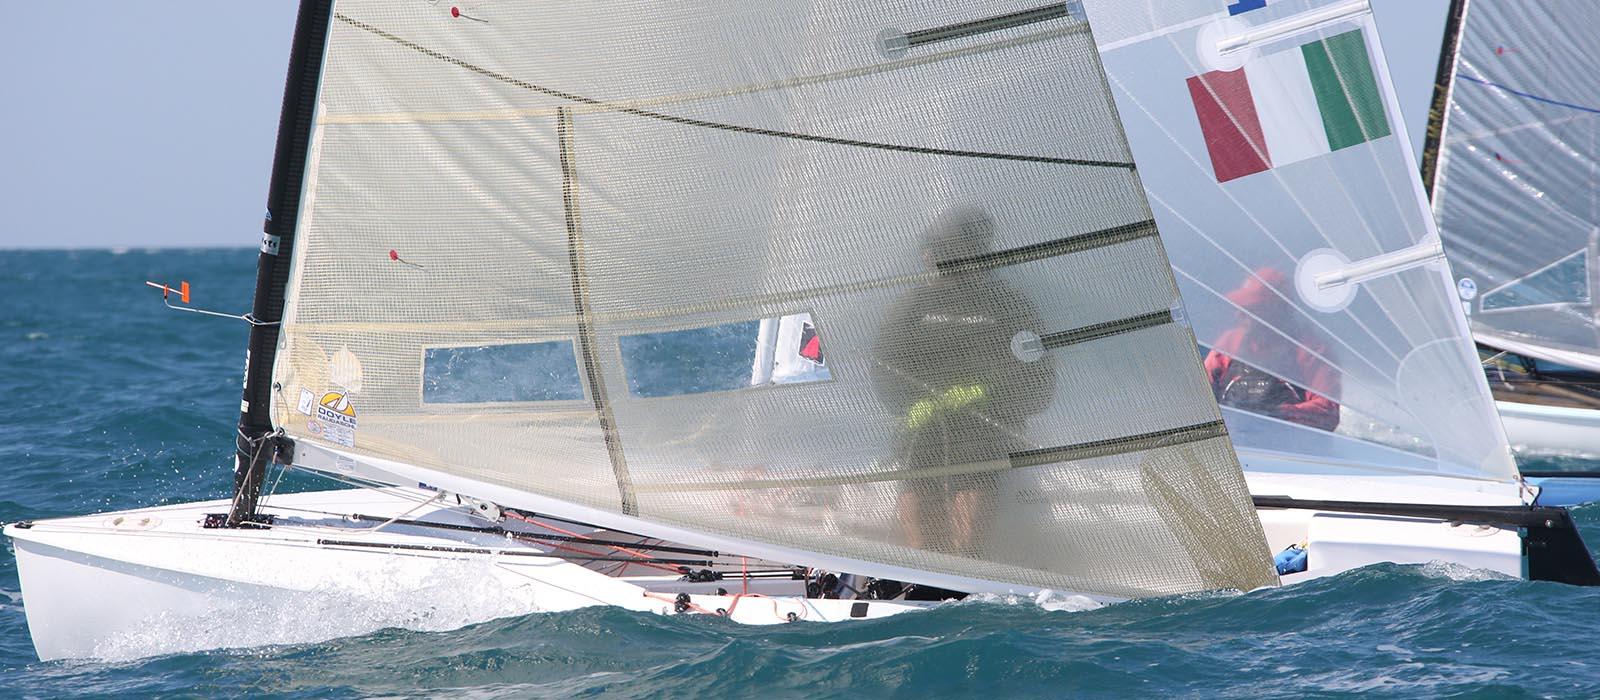 Associazione Italiana Classe Finn A31V0571